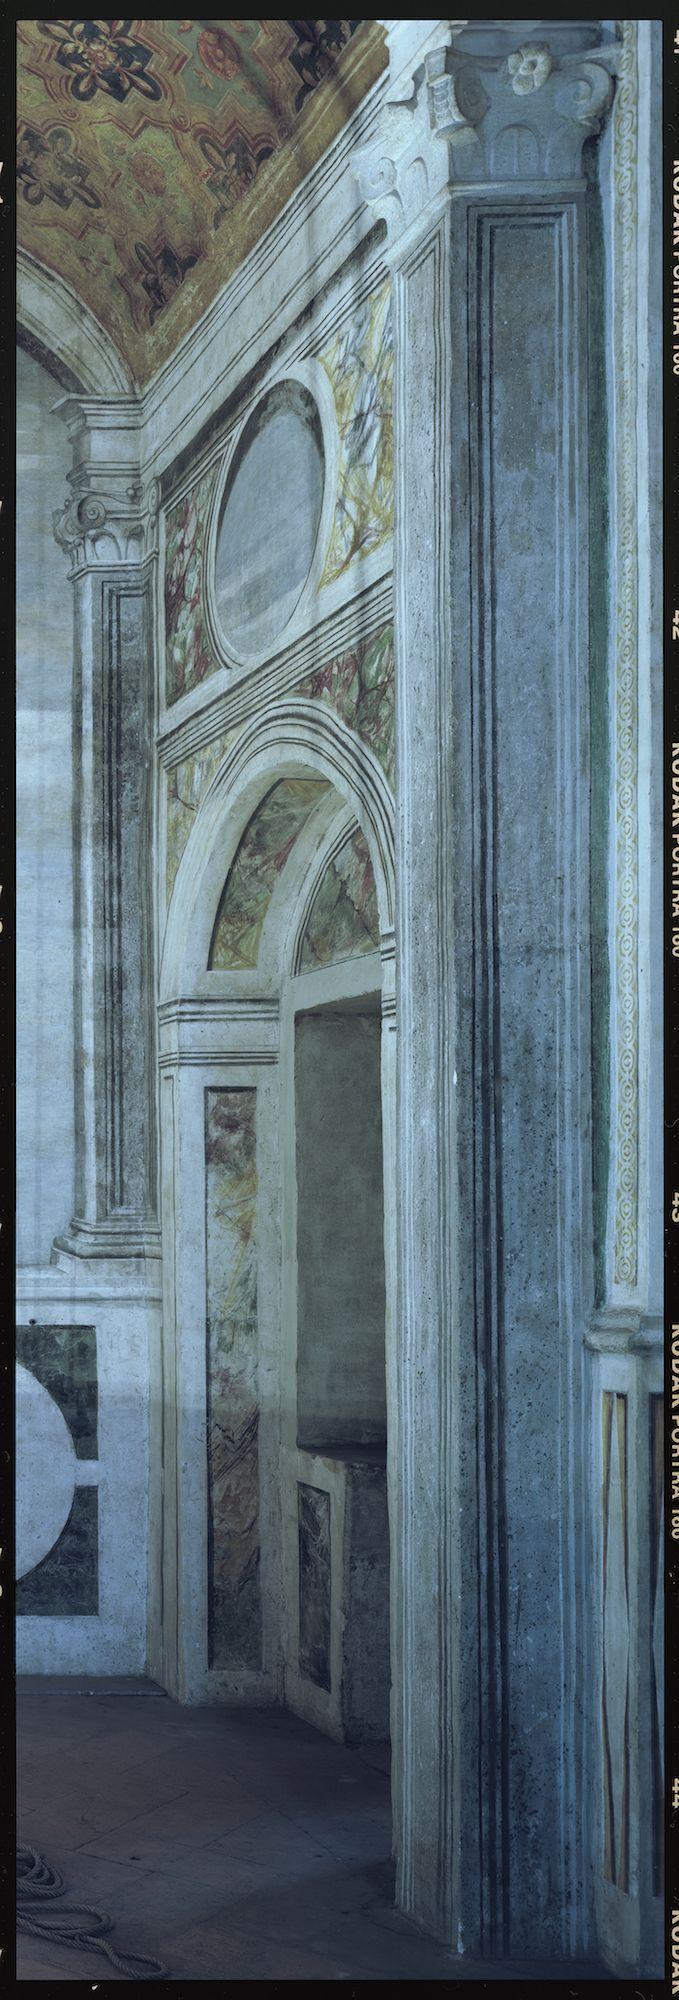 Vincenzo Castella, #03 San Maurizio